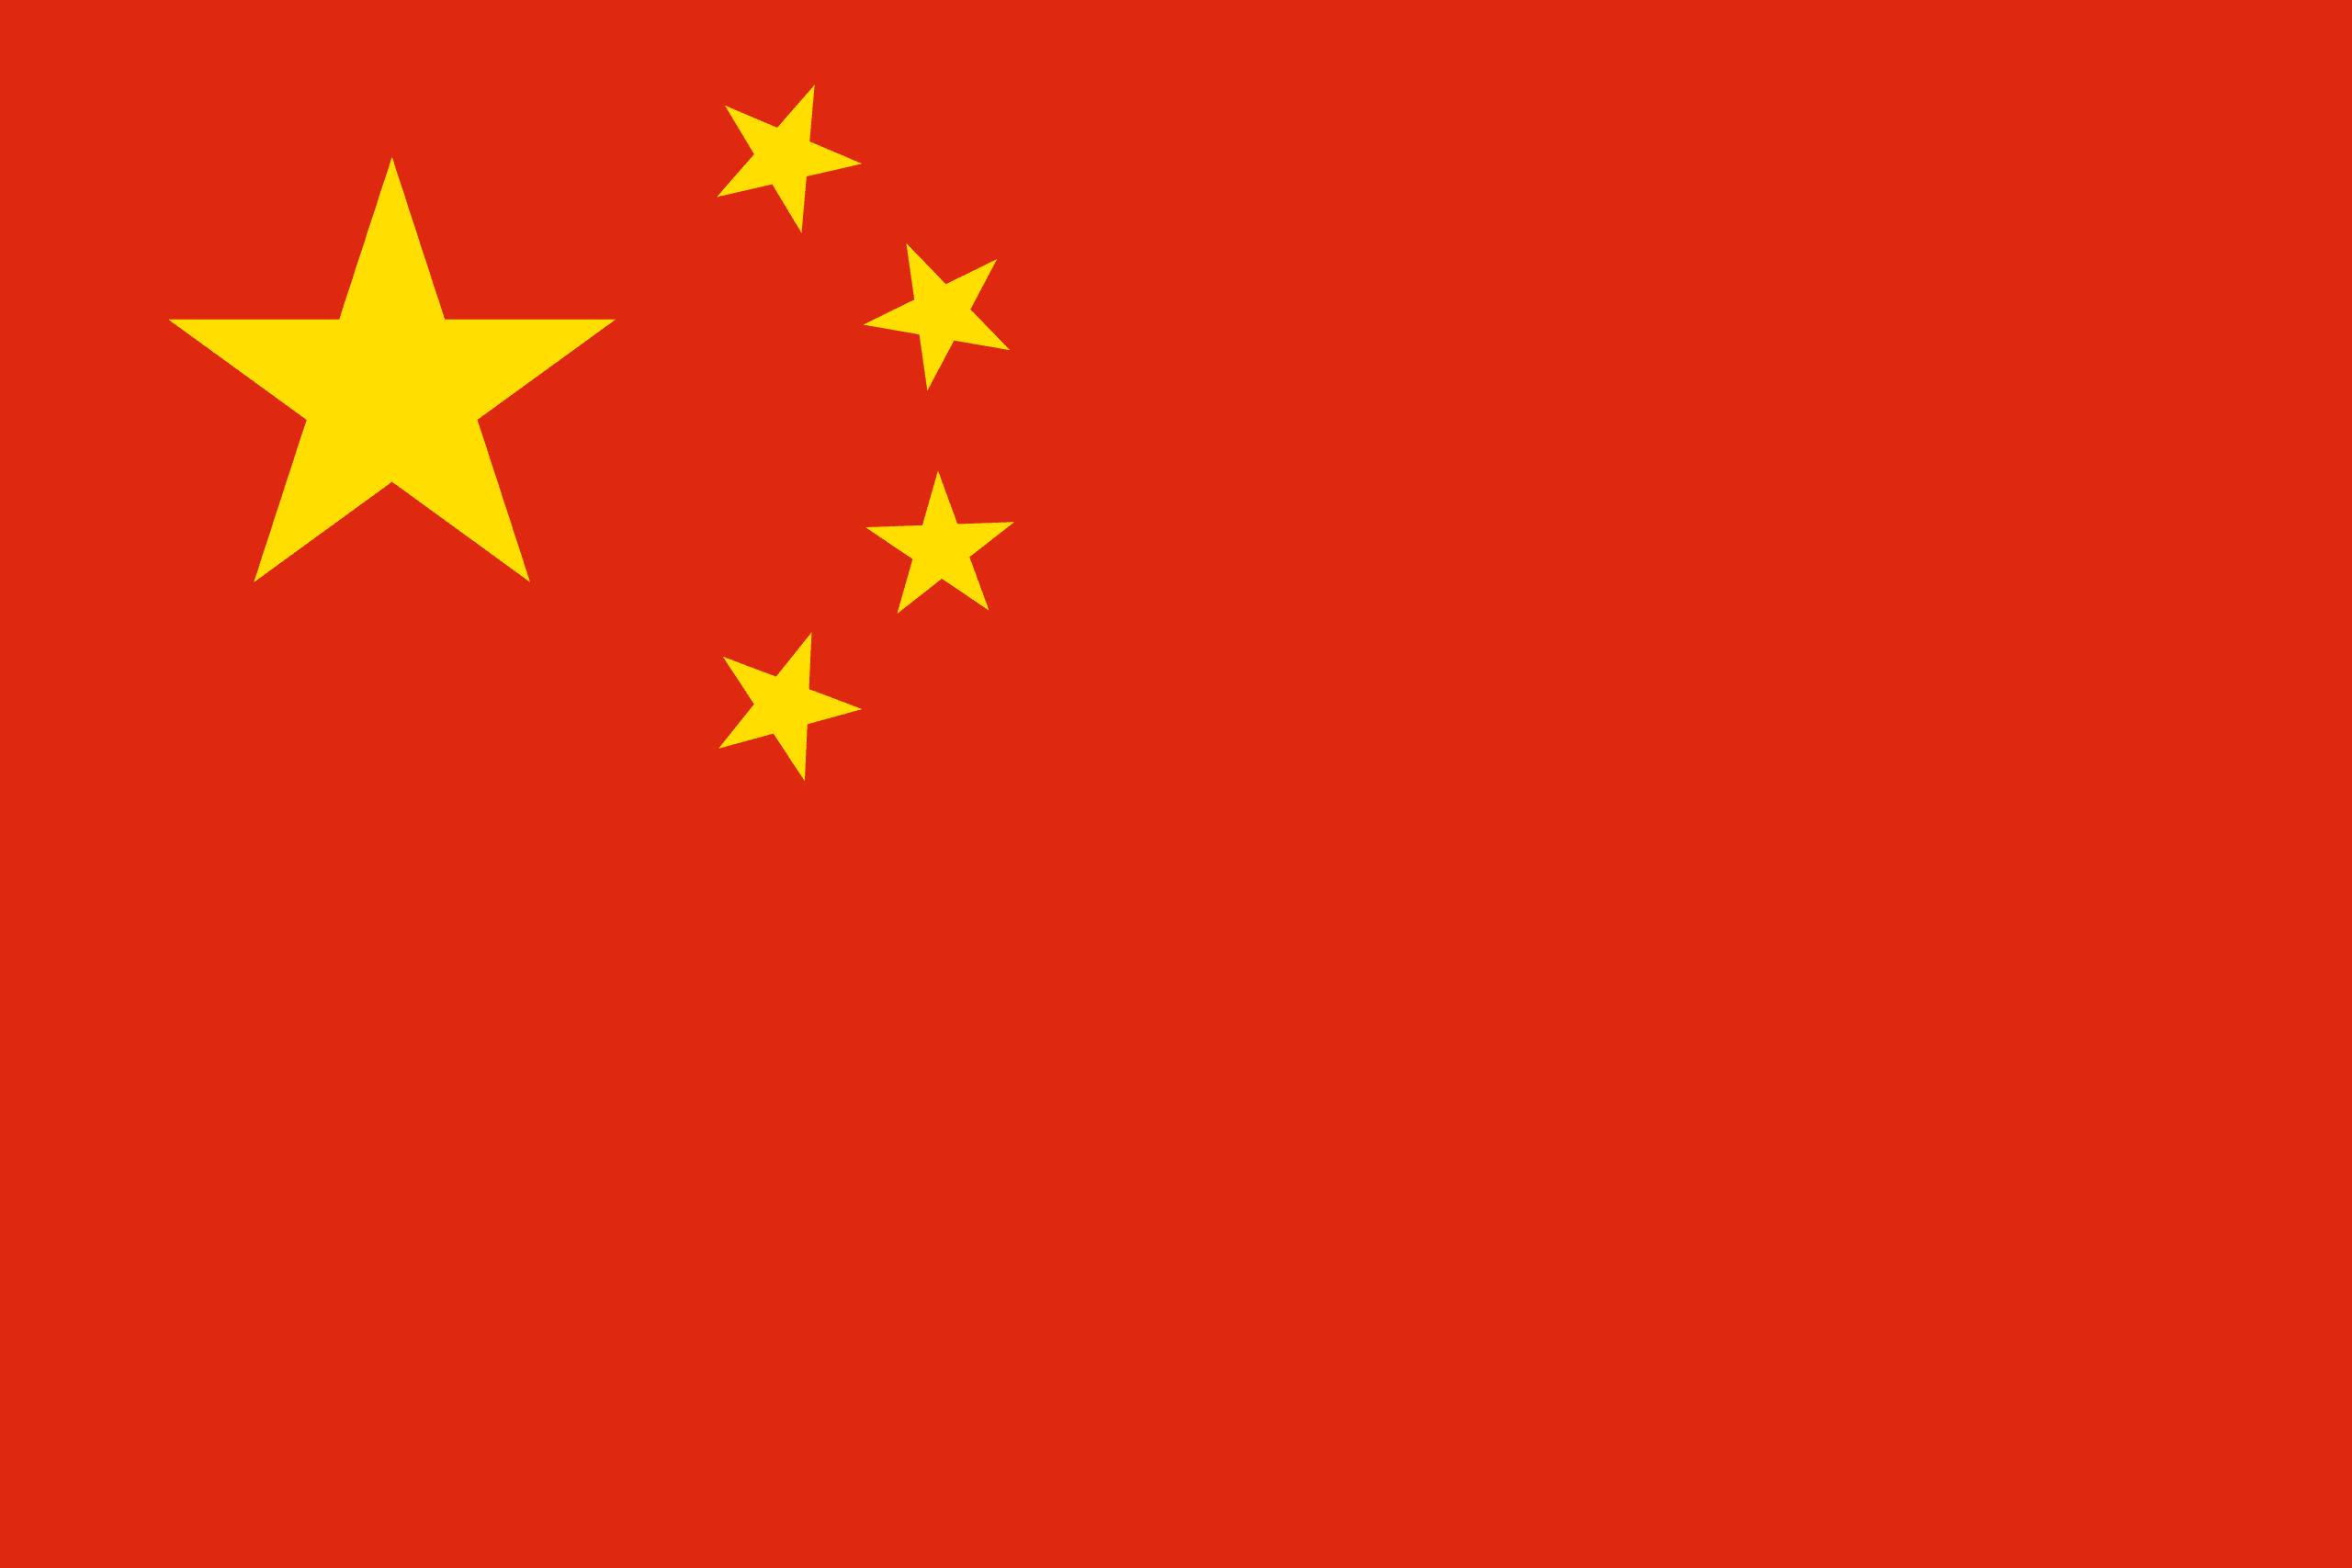 Σημαία Λαϊκής Δημοκρατίας της Κίνας